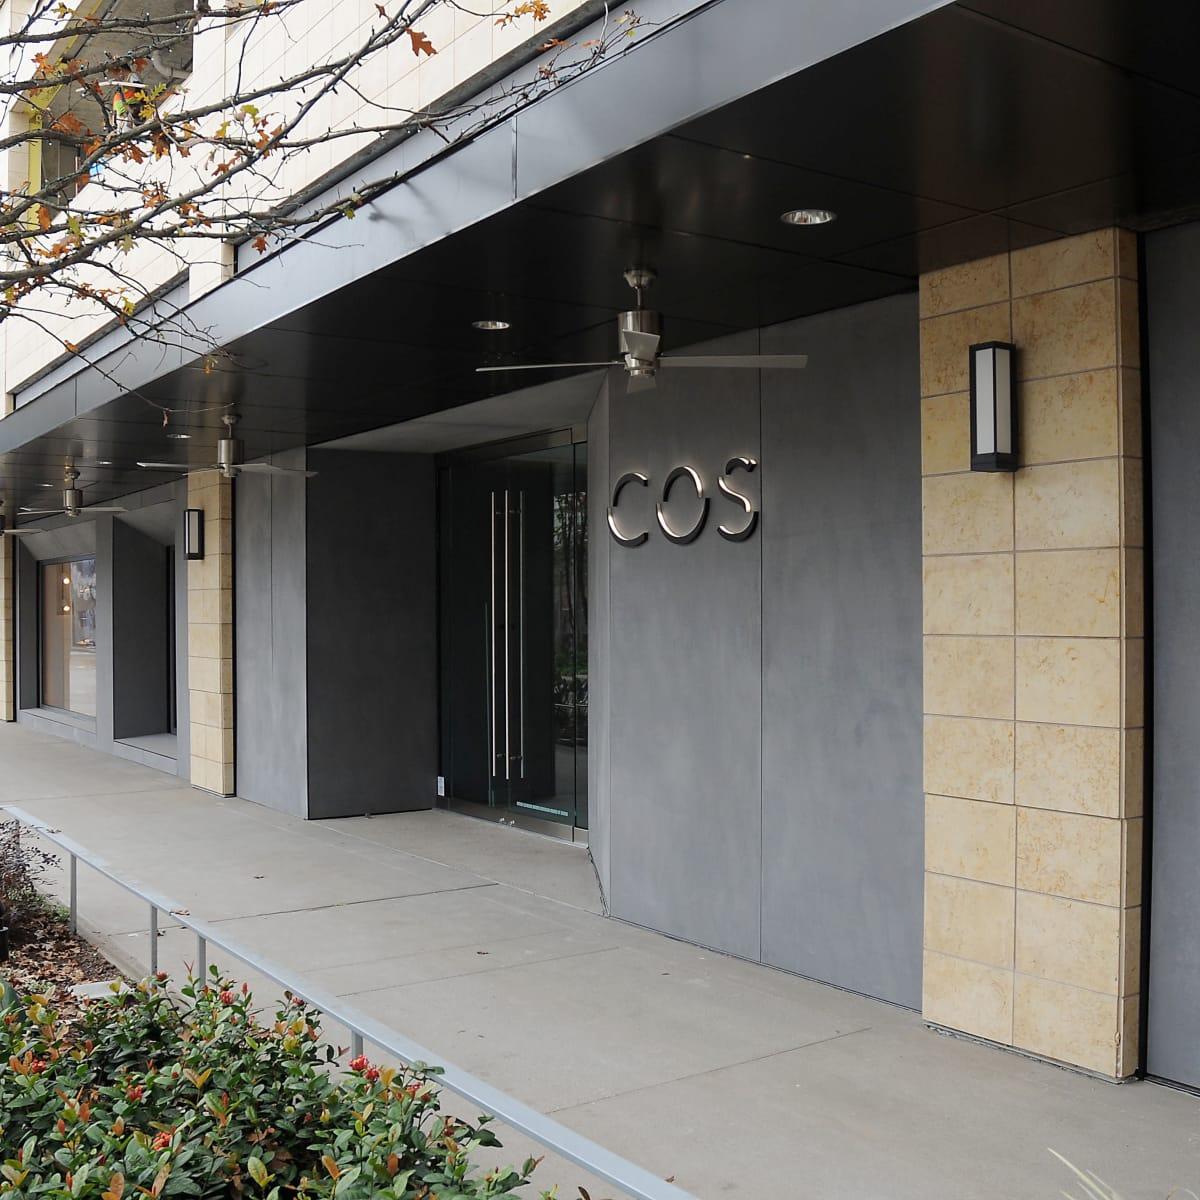 COS exterior at River Oaks District